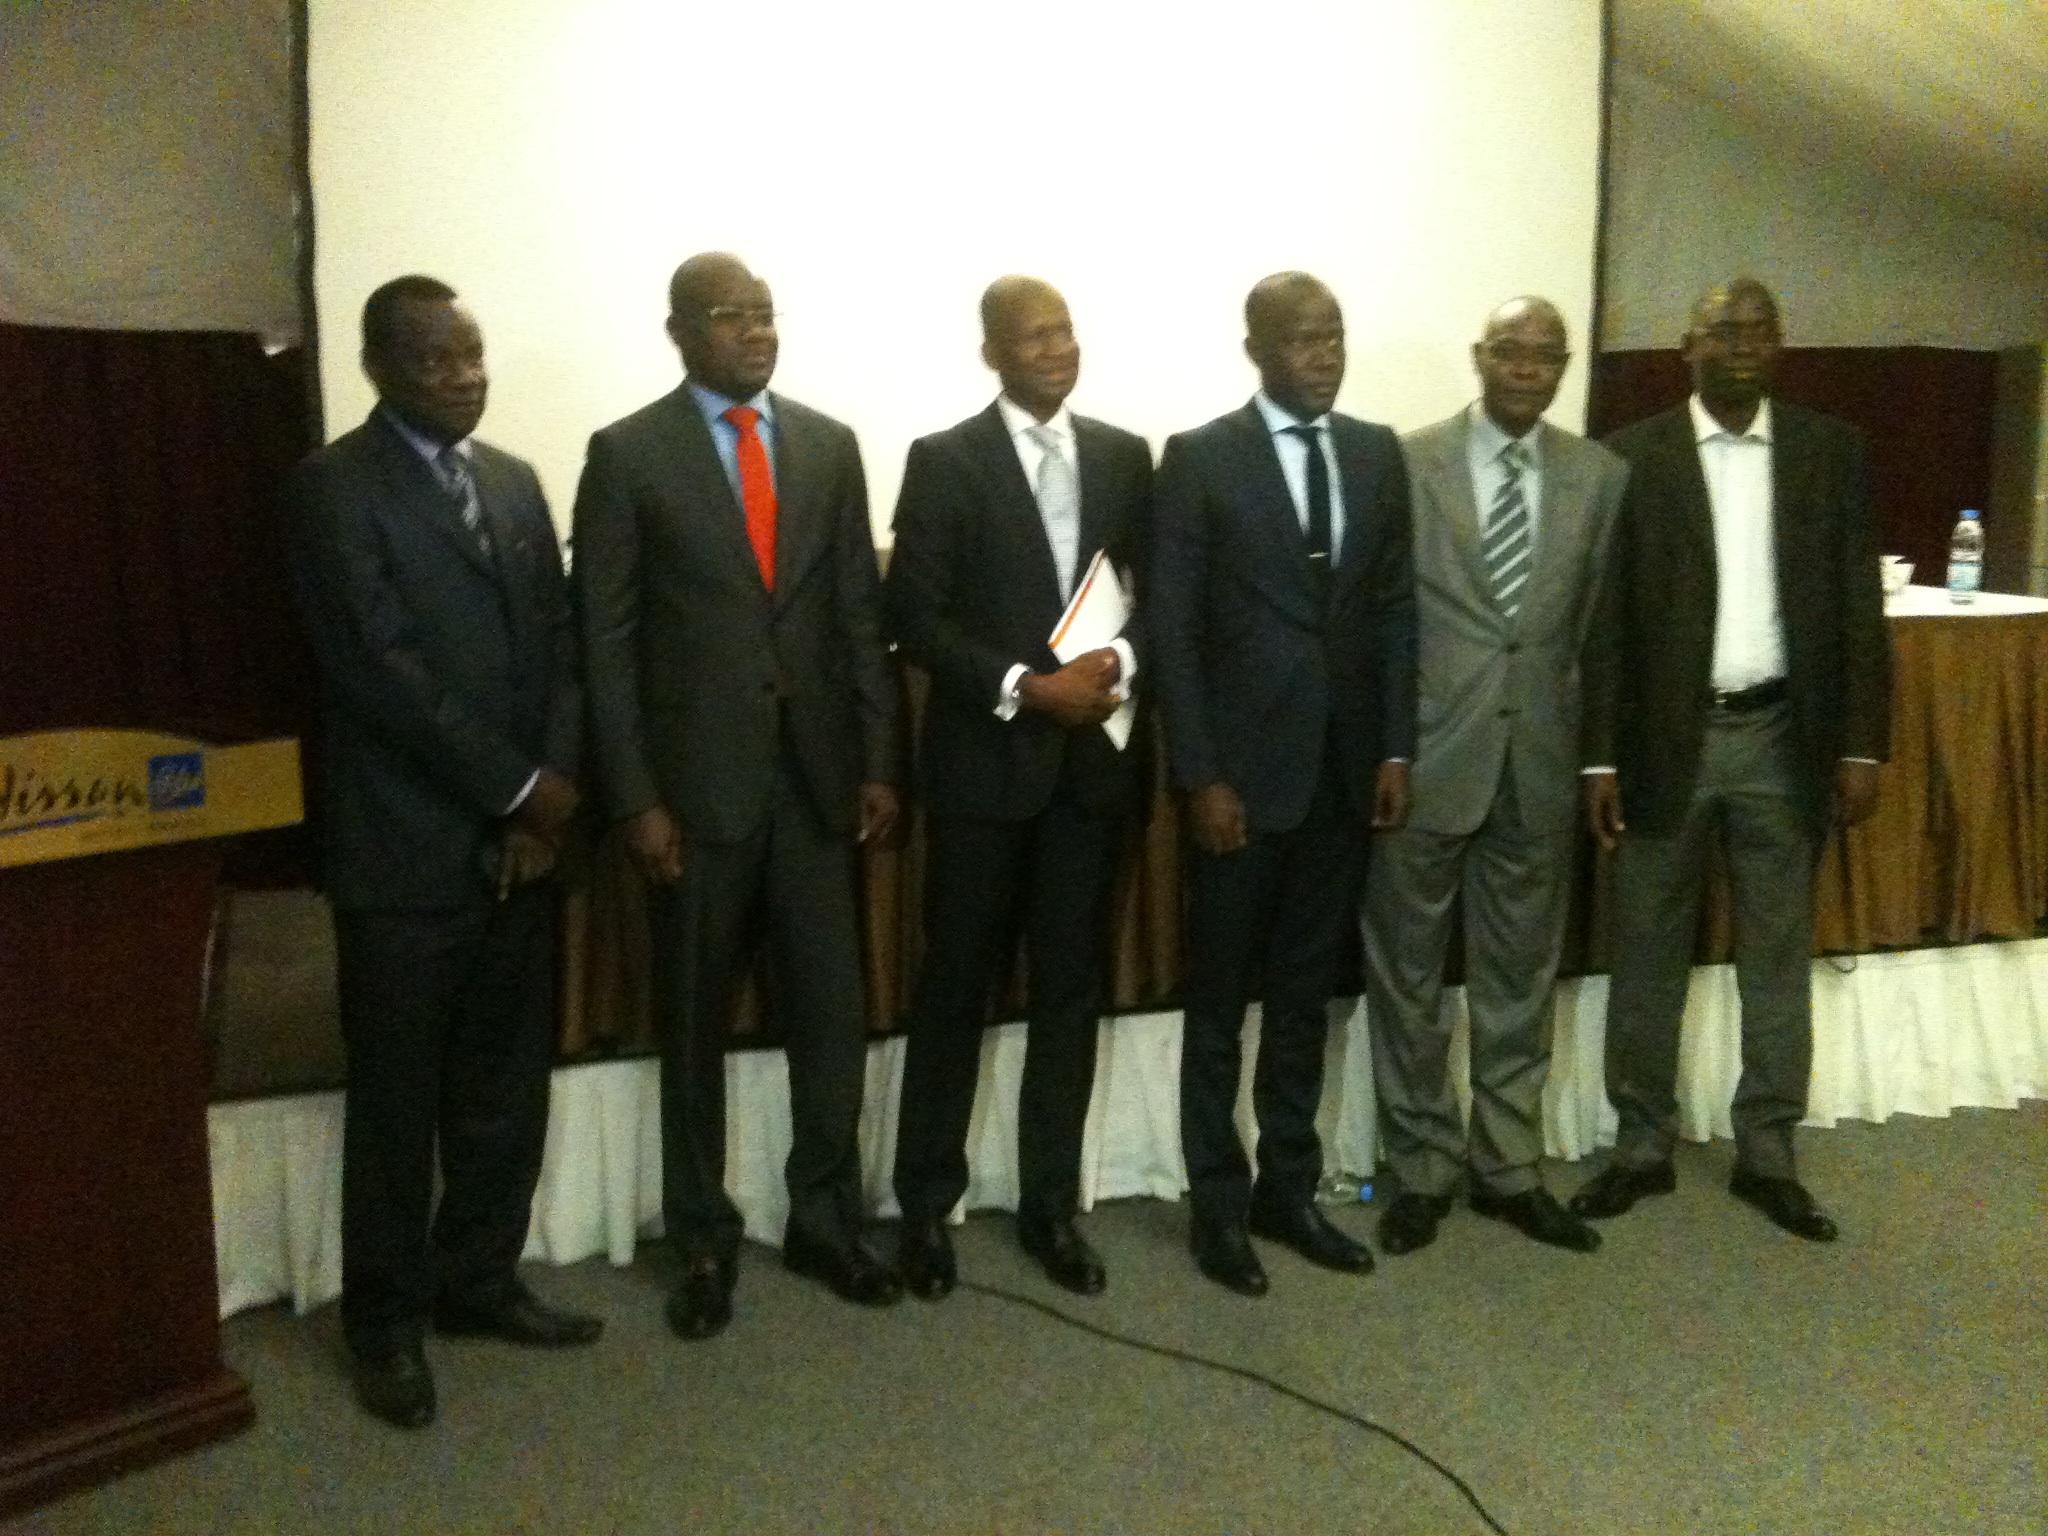 Signature partenariat : Le Soleil - BHS - Teyliom Properties s'engagent pour l'accès à la propriété foncière